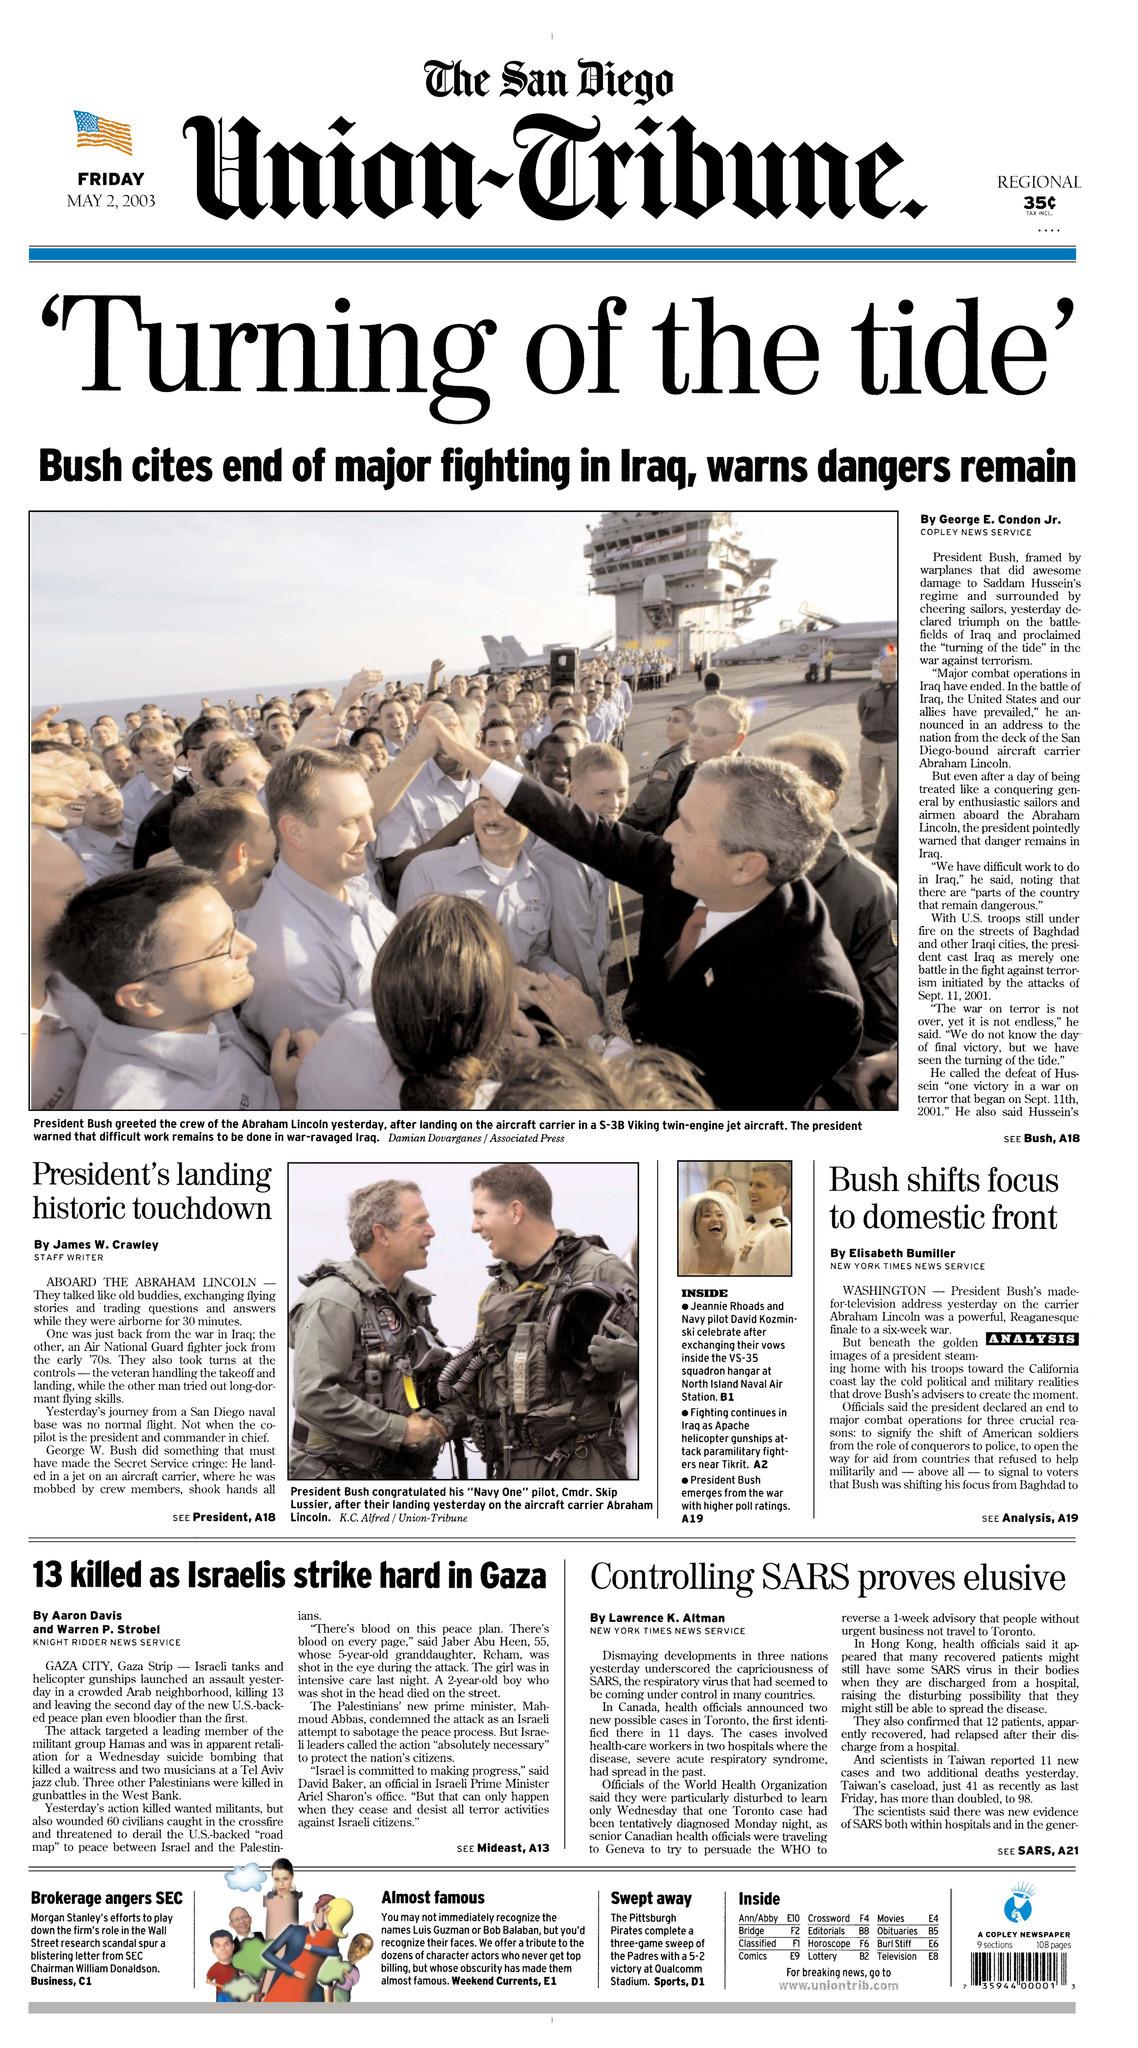 May 2, 2003